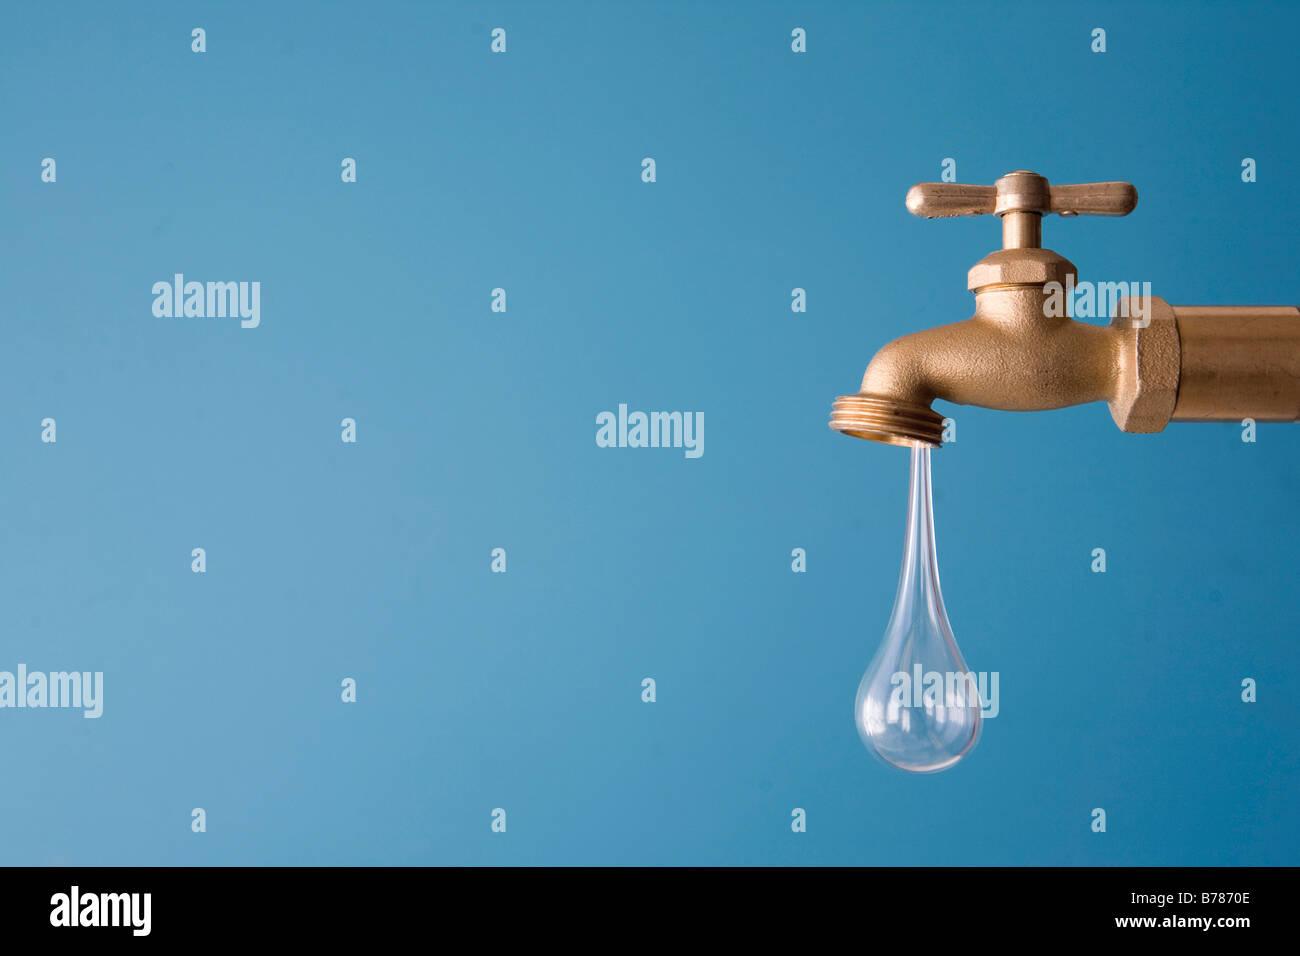 Gota de agua gigante gotea de grifo Imagen De Stock